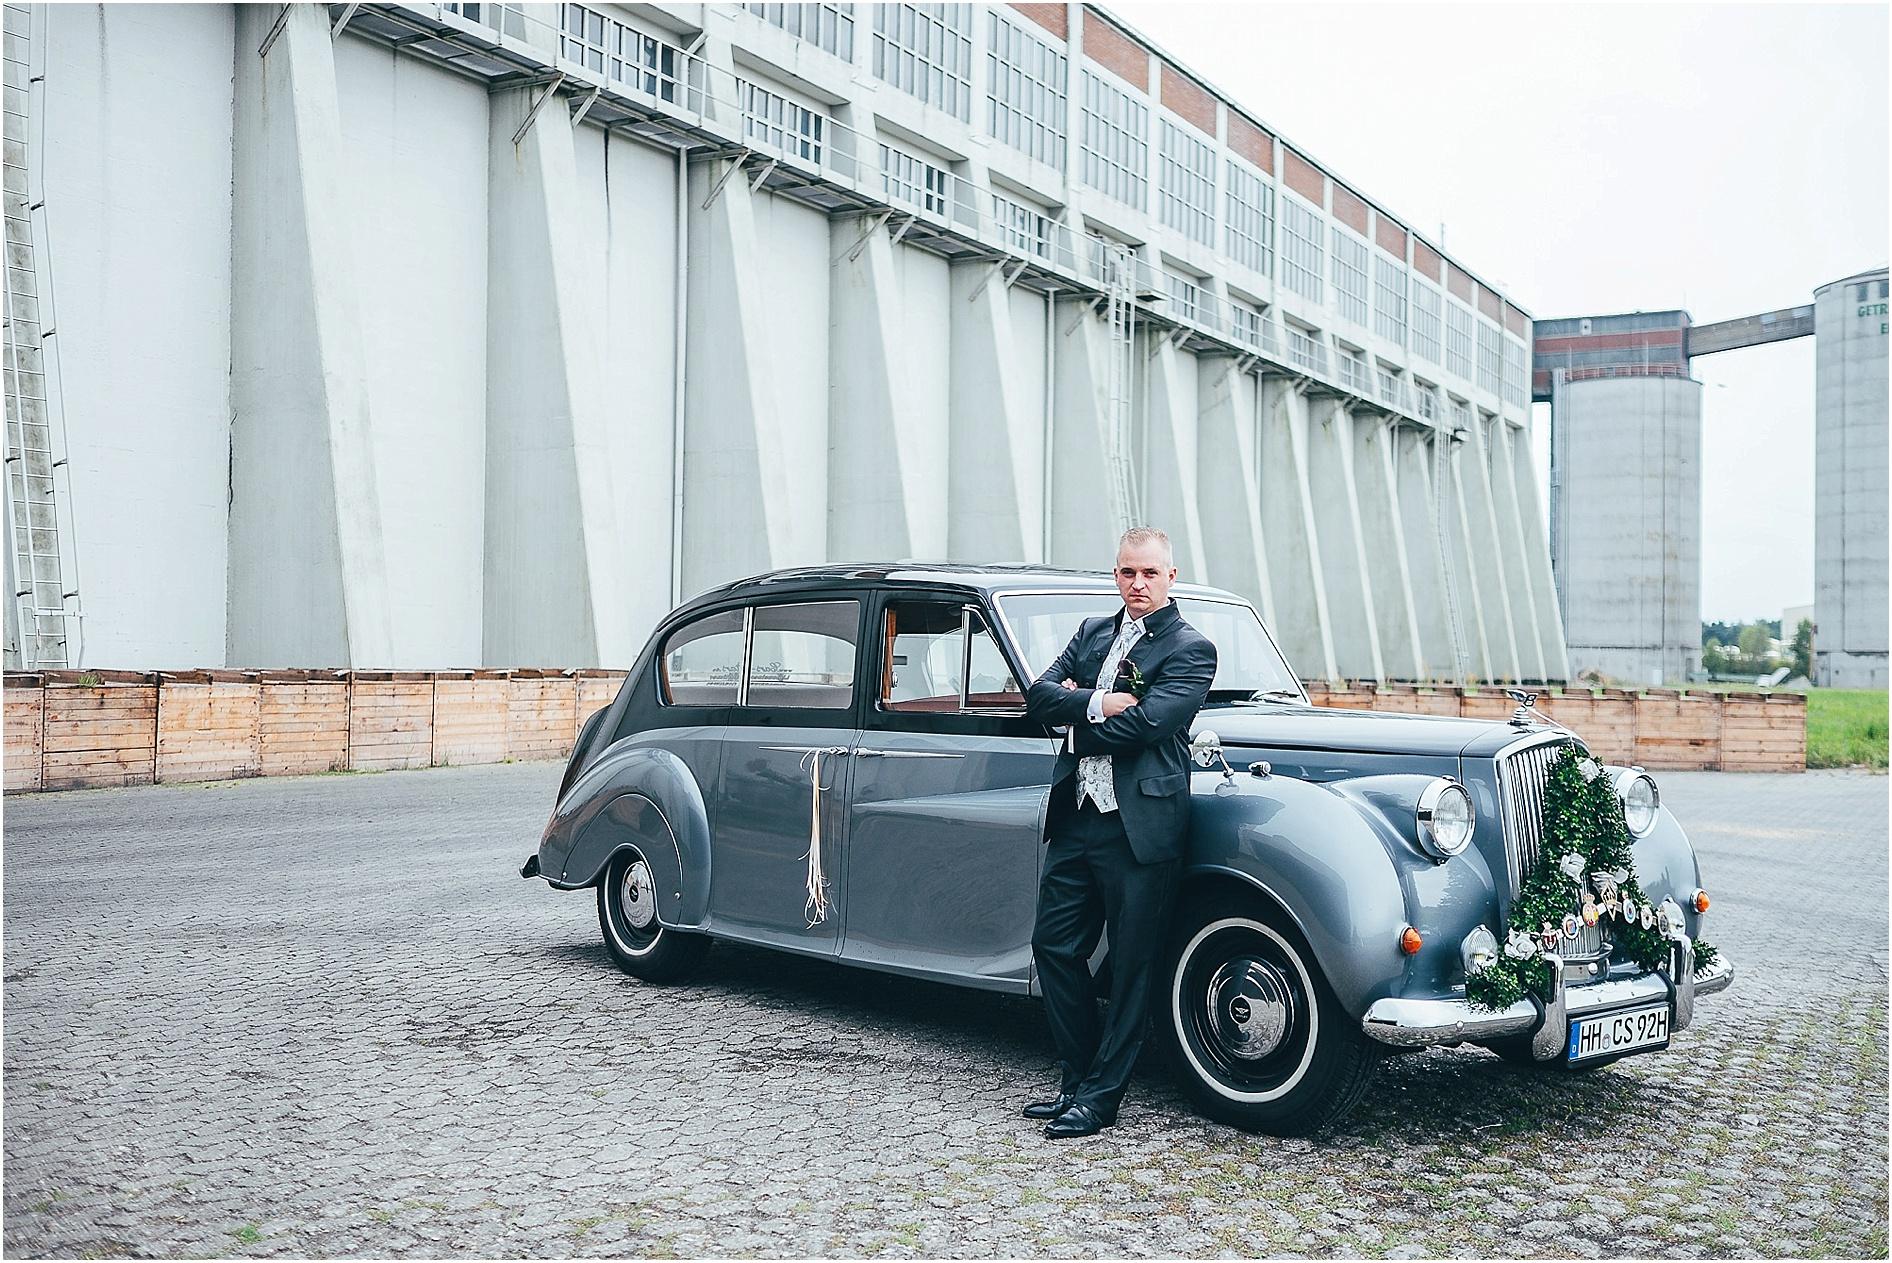 2014-11-20_0076 Lora & Daniel - Als Hochzeitsfotograf in Lüneburg